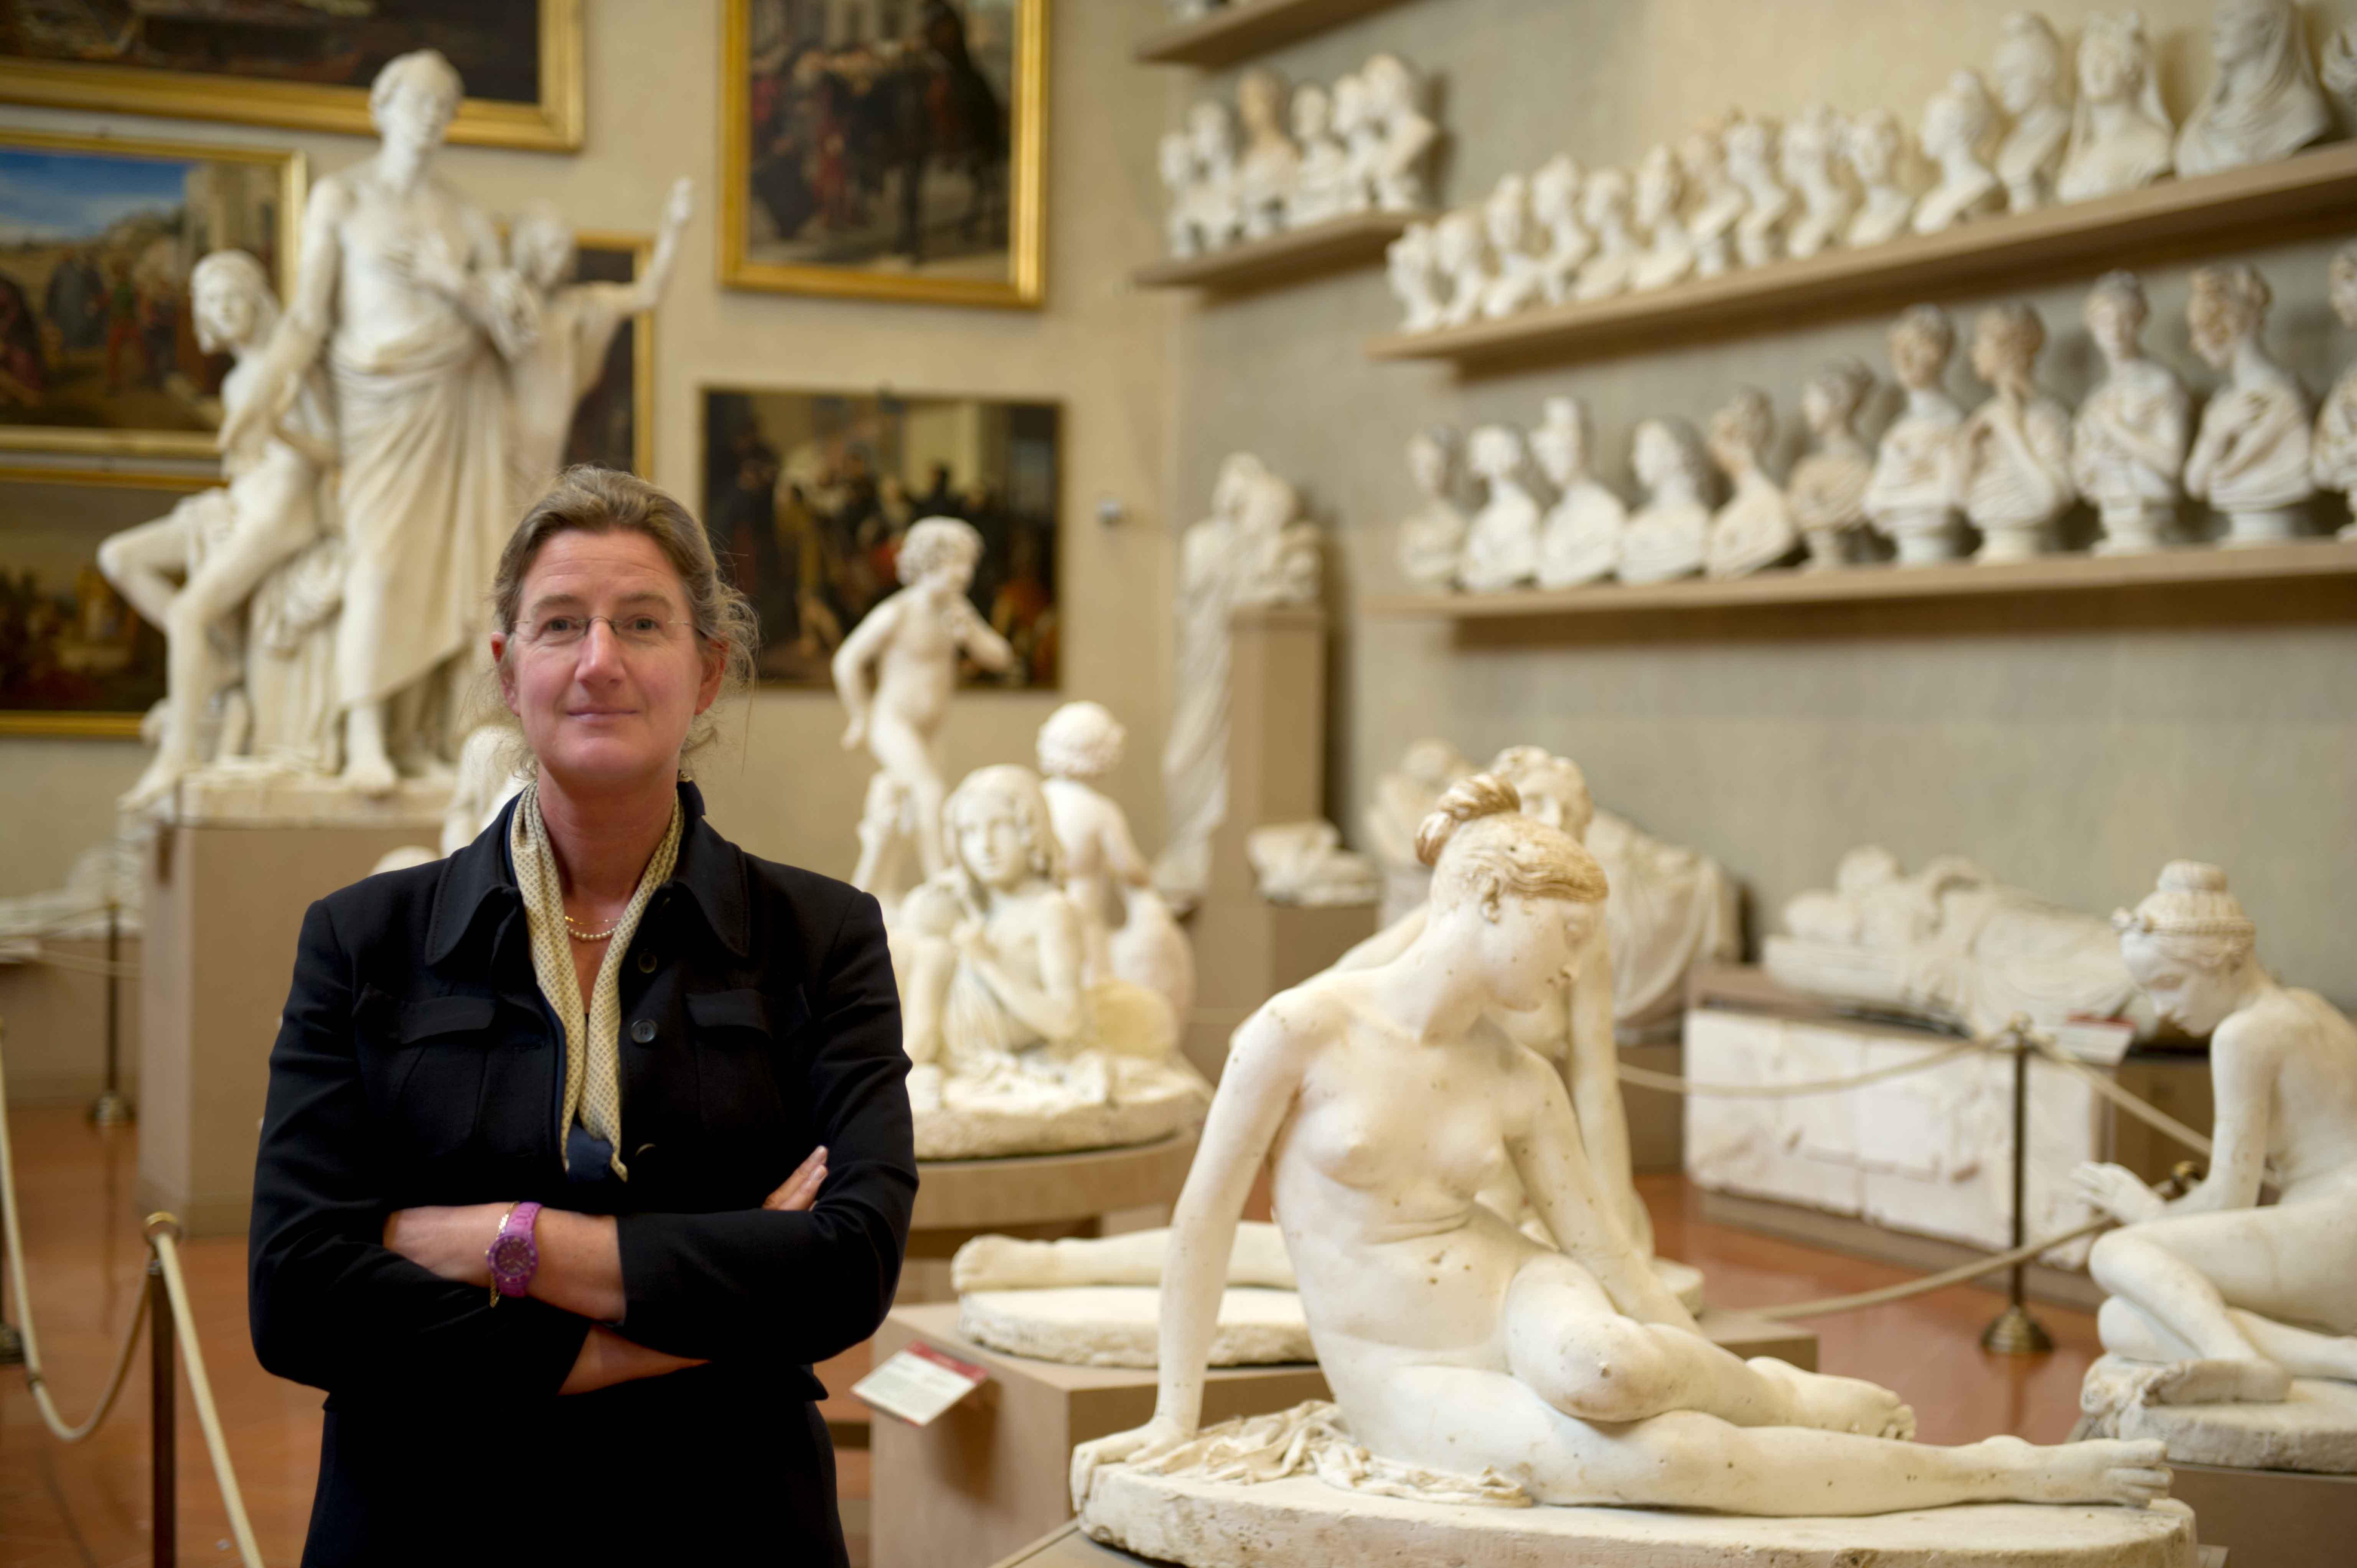 767bfc1be4b9 Secondo la classifica 2018 delle attrazioni più popolari a livello  internazionale stilata da TripAdvisor, nella Top 10 italiana, la Galleria  dell'Accademia ...